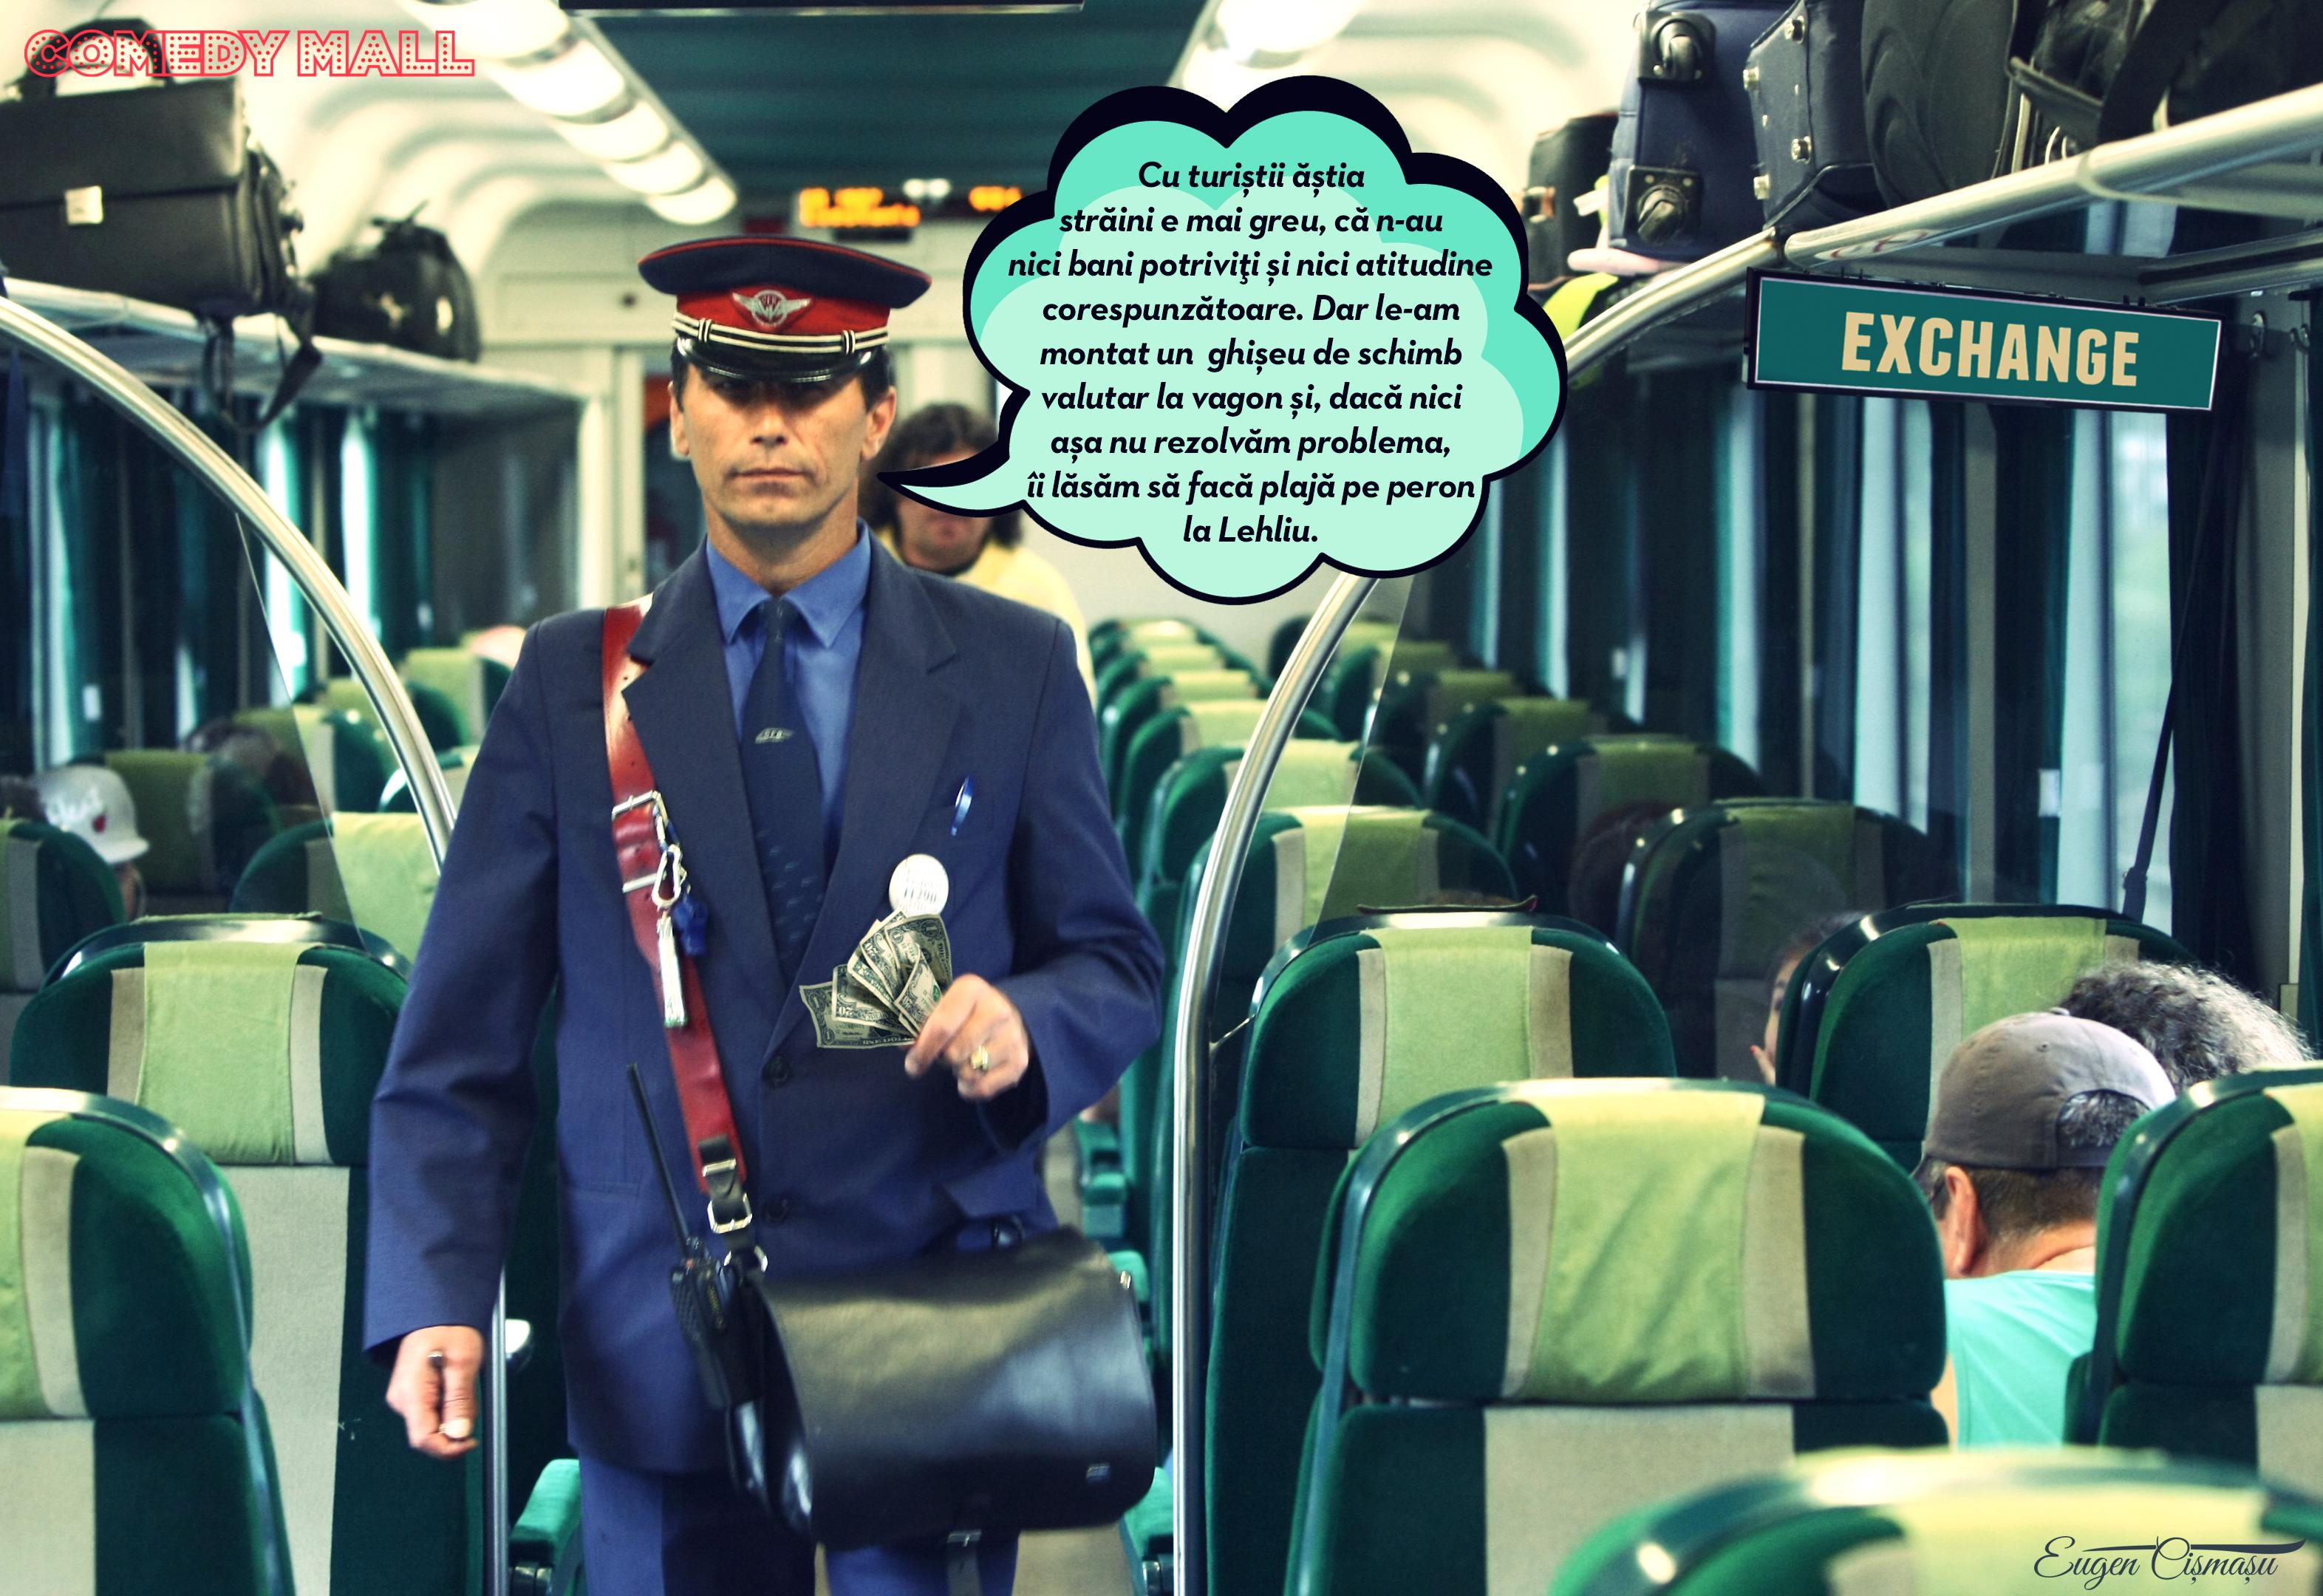 Ziua Întâi după Codruţa: Trenurile CFR şi-au dublat întârzierile pe trasee, ca să poată lua naşii şpaga de la toţi călătorii!